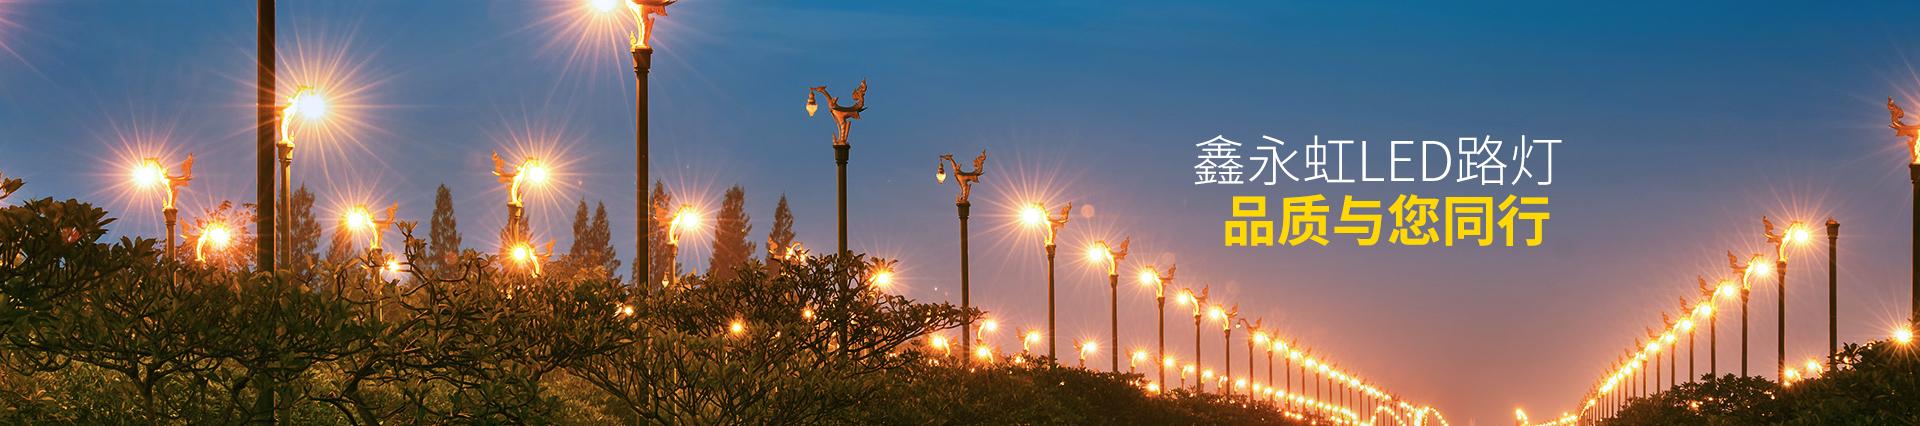 鑫永虹LED路灯-品质与您同行